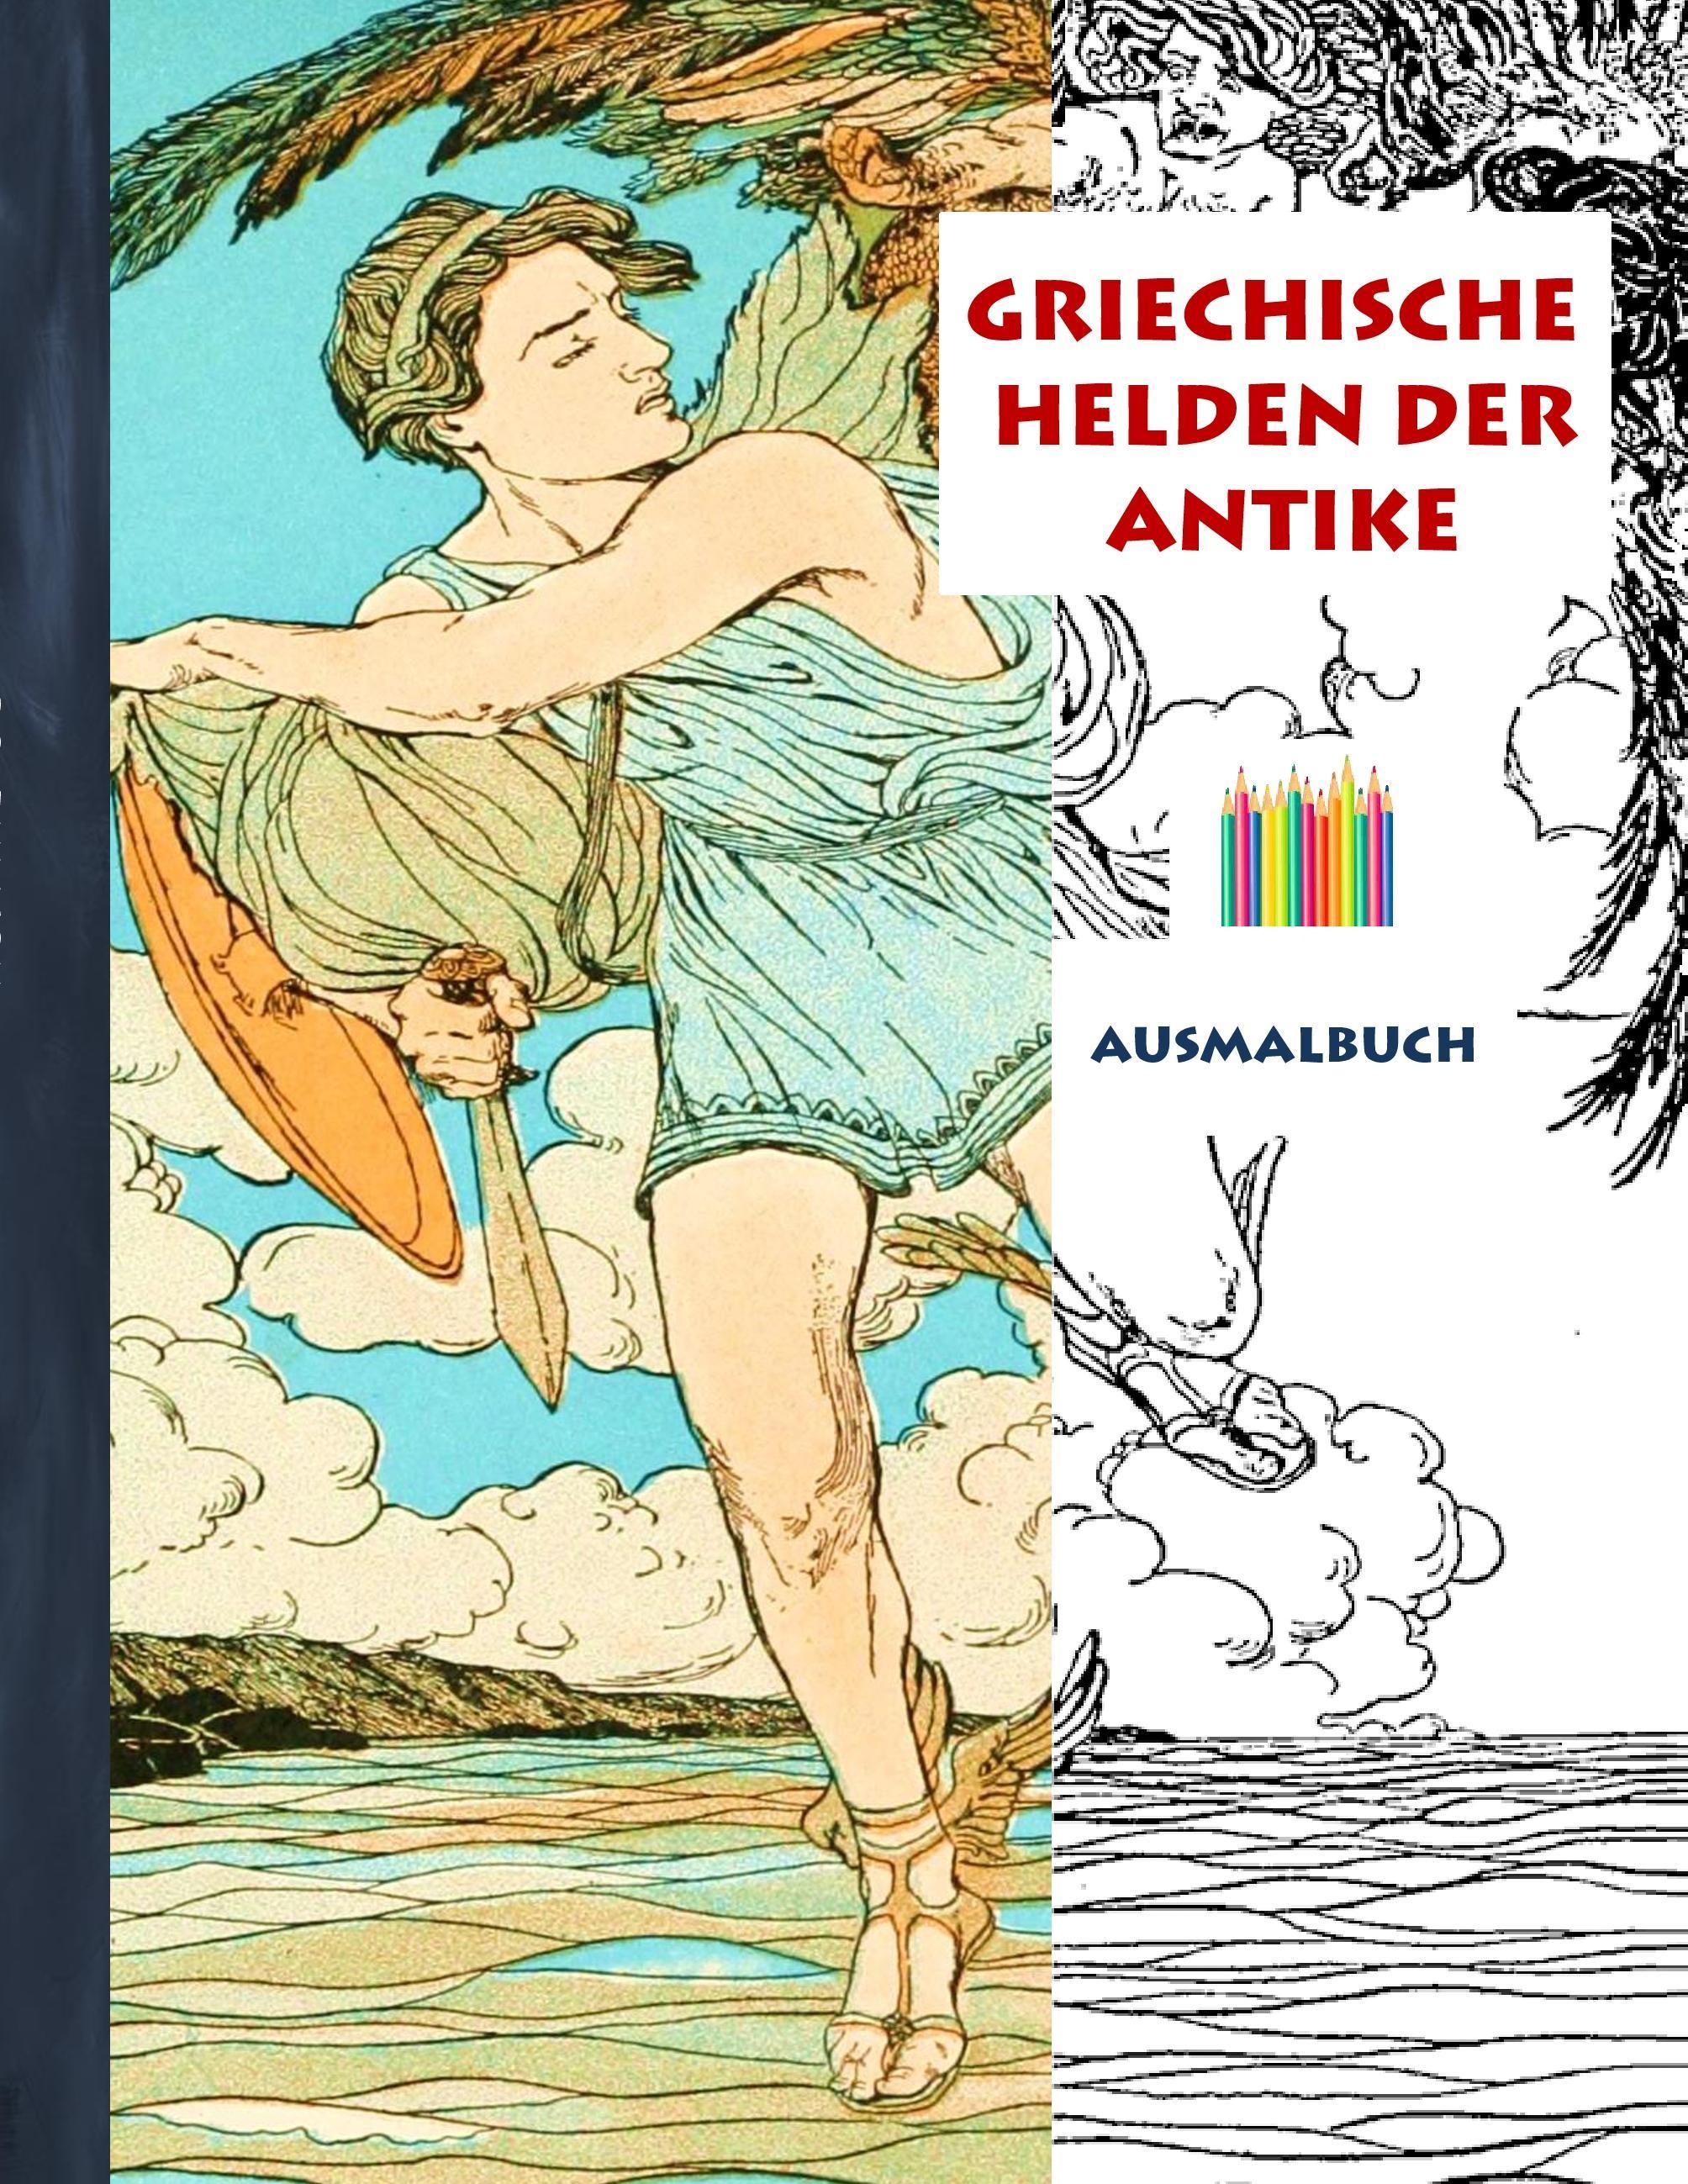 Griechische Helden der Antike (Ausmalbuch)